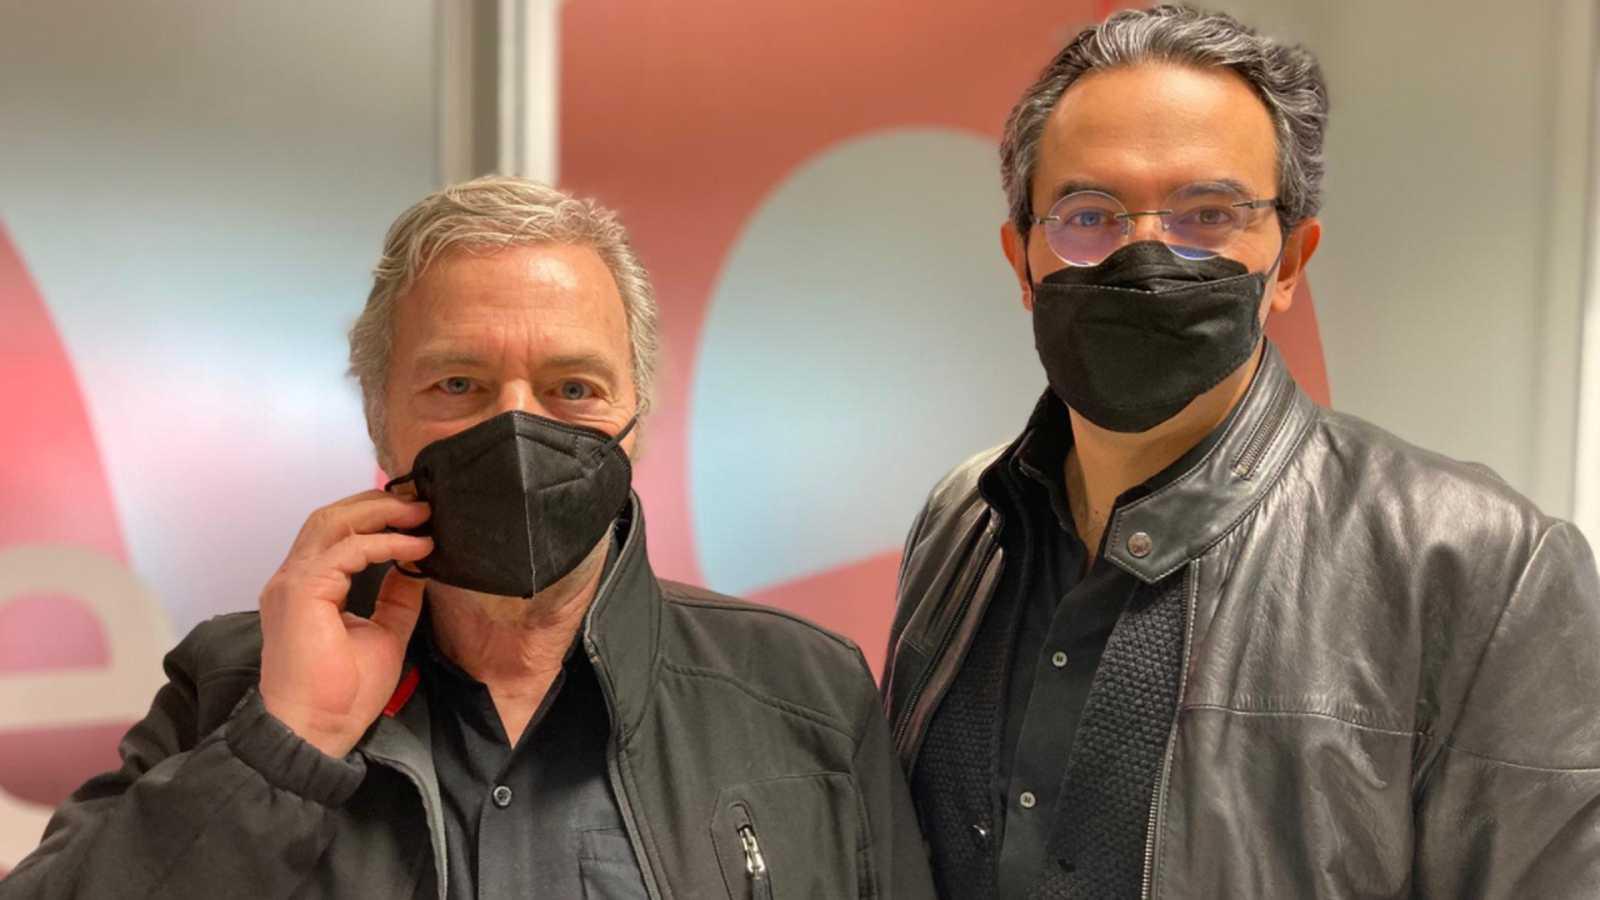 Las mañanas de RNE con Pepa Fernández - Juan Gabriel Vásquez y Sergio Cabrera, unidos por un libro - Escuchar ahora